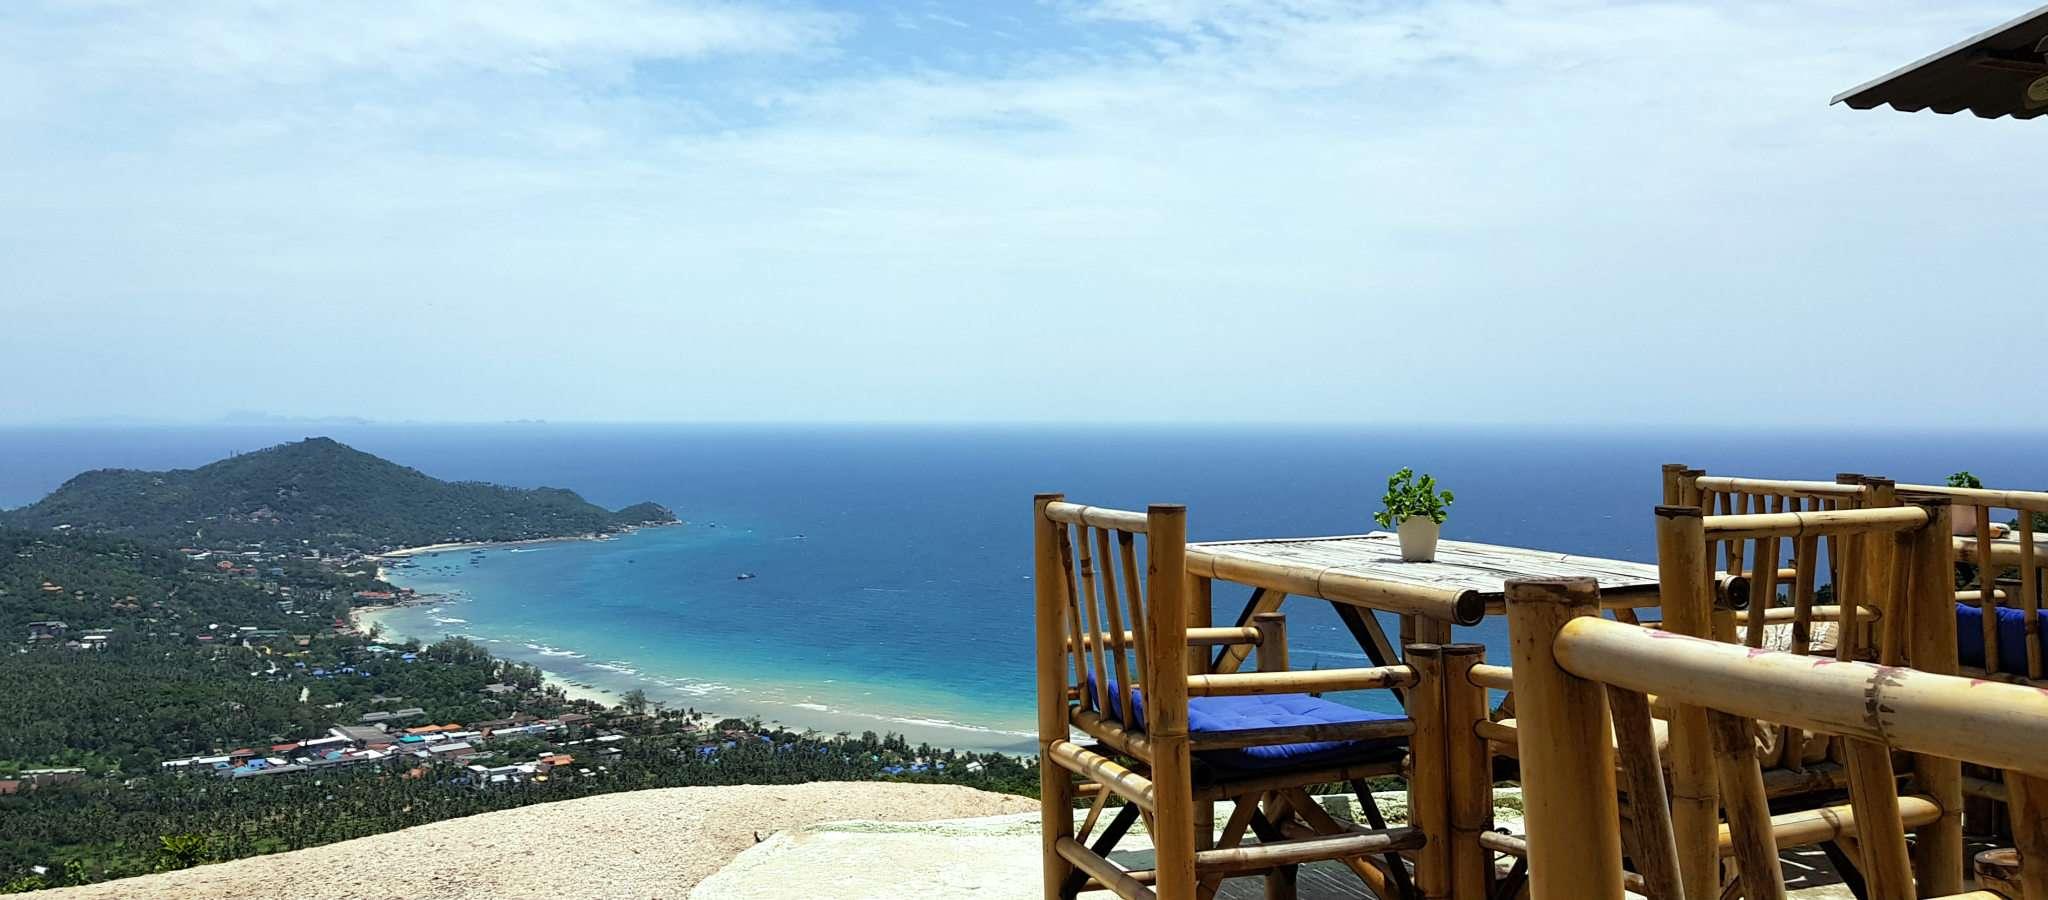 Mango Viewpoint, tafels en stoelen met uitzicht over Sairee Beach, Ko Tao